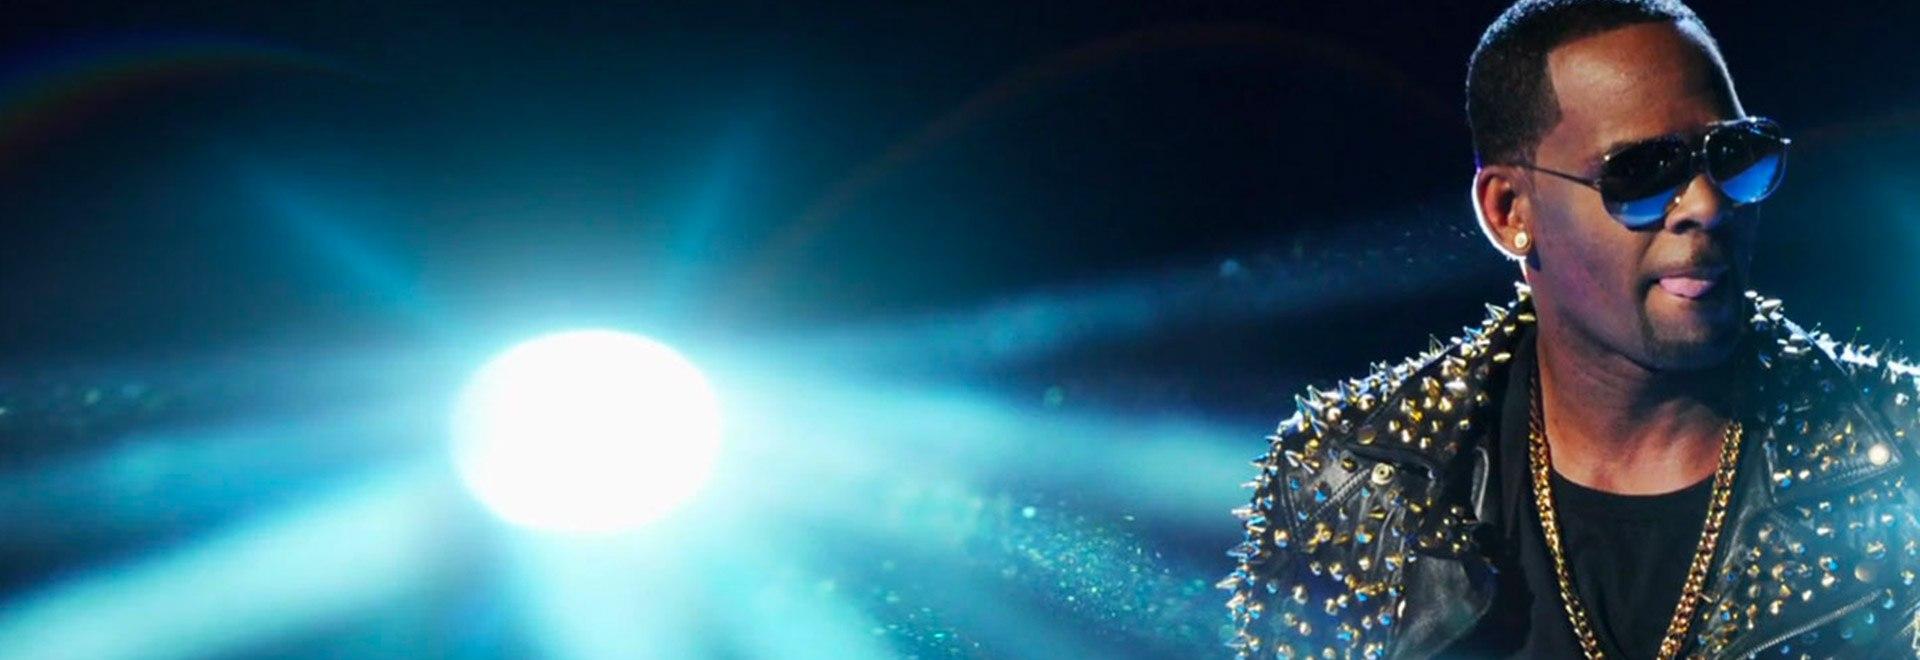 R. Kelly: vittime di una popstar - Le nuove accuse